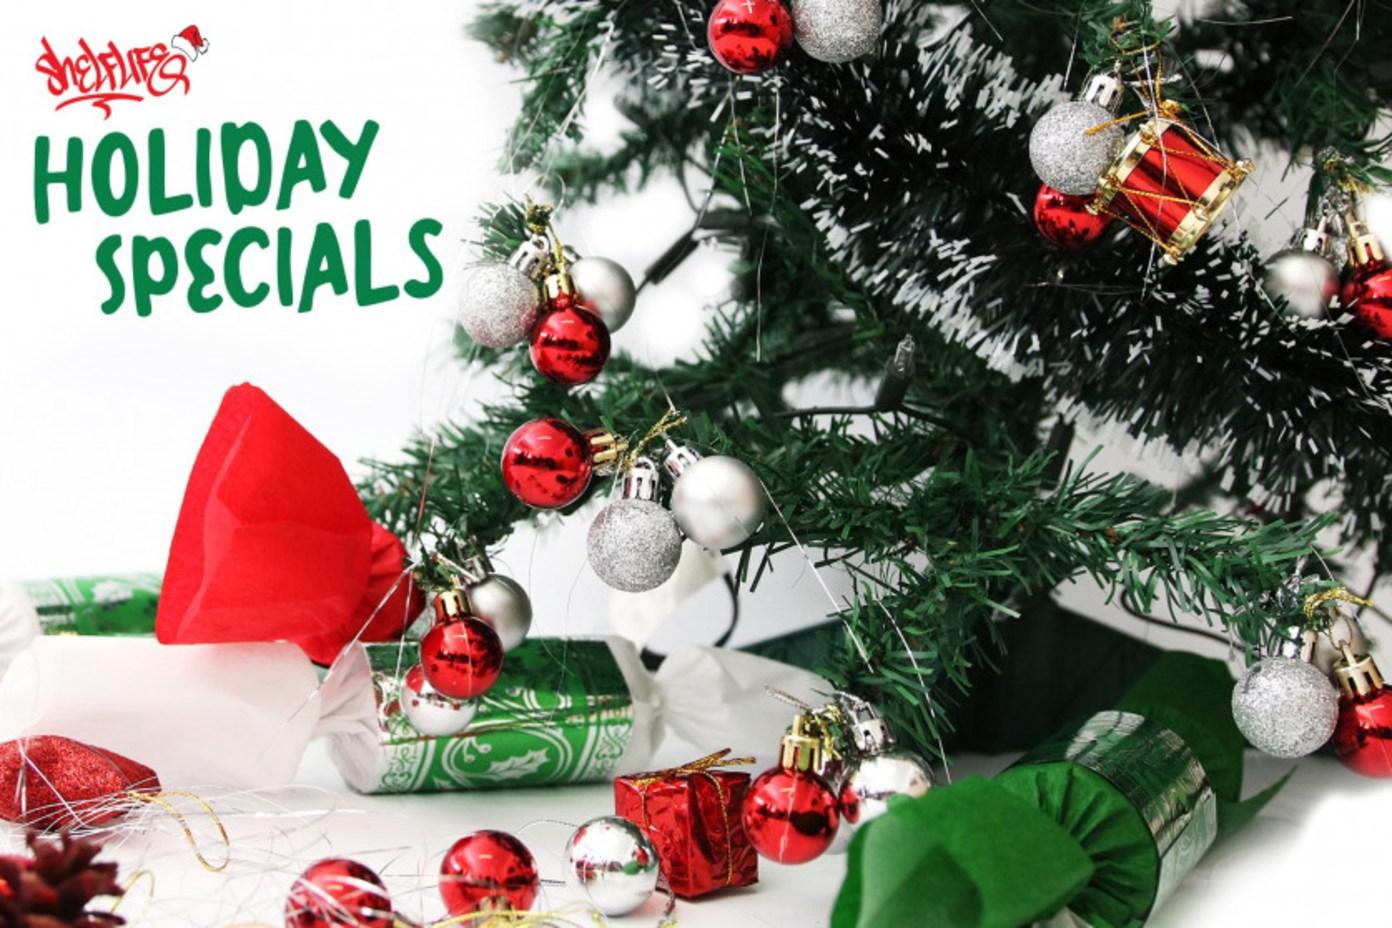 Shelflife Holiday Specials